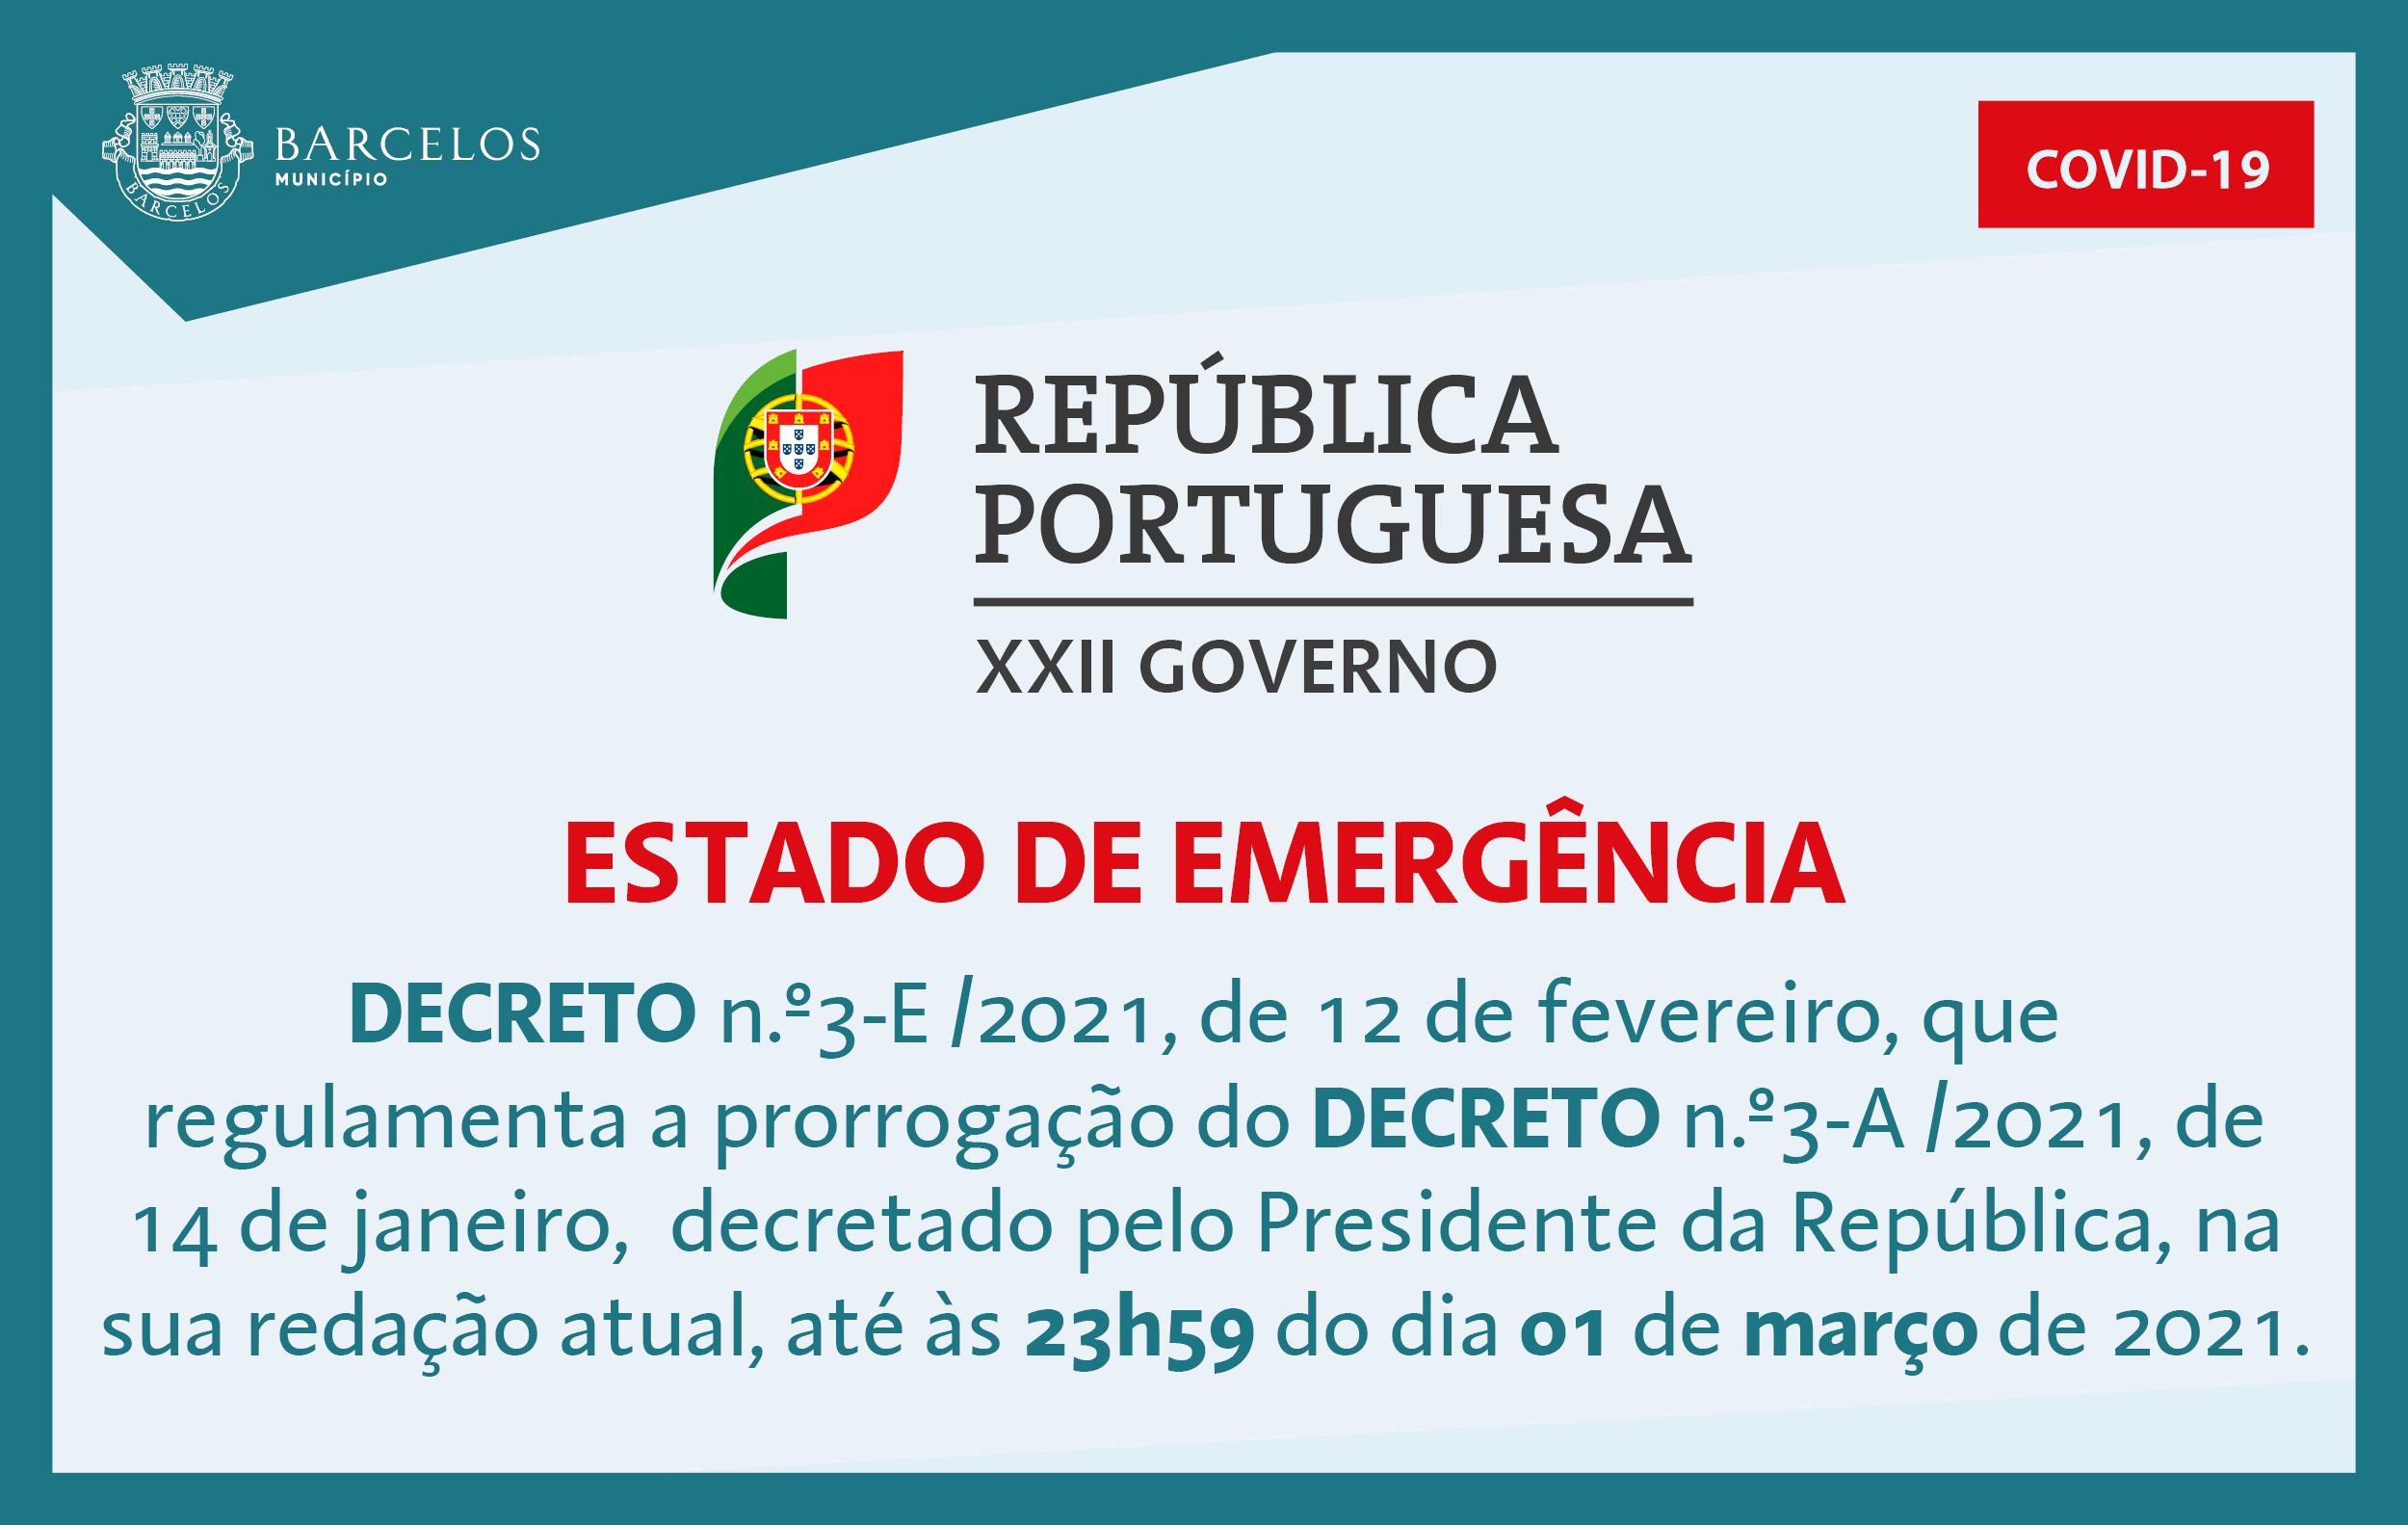 Decreto n.º3-E/2021, de 12 de fevereiro, que regulamenta e prorrogação do Estado de Emergência